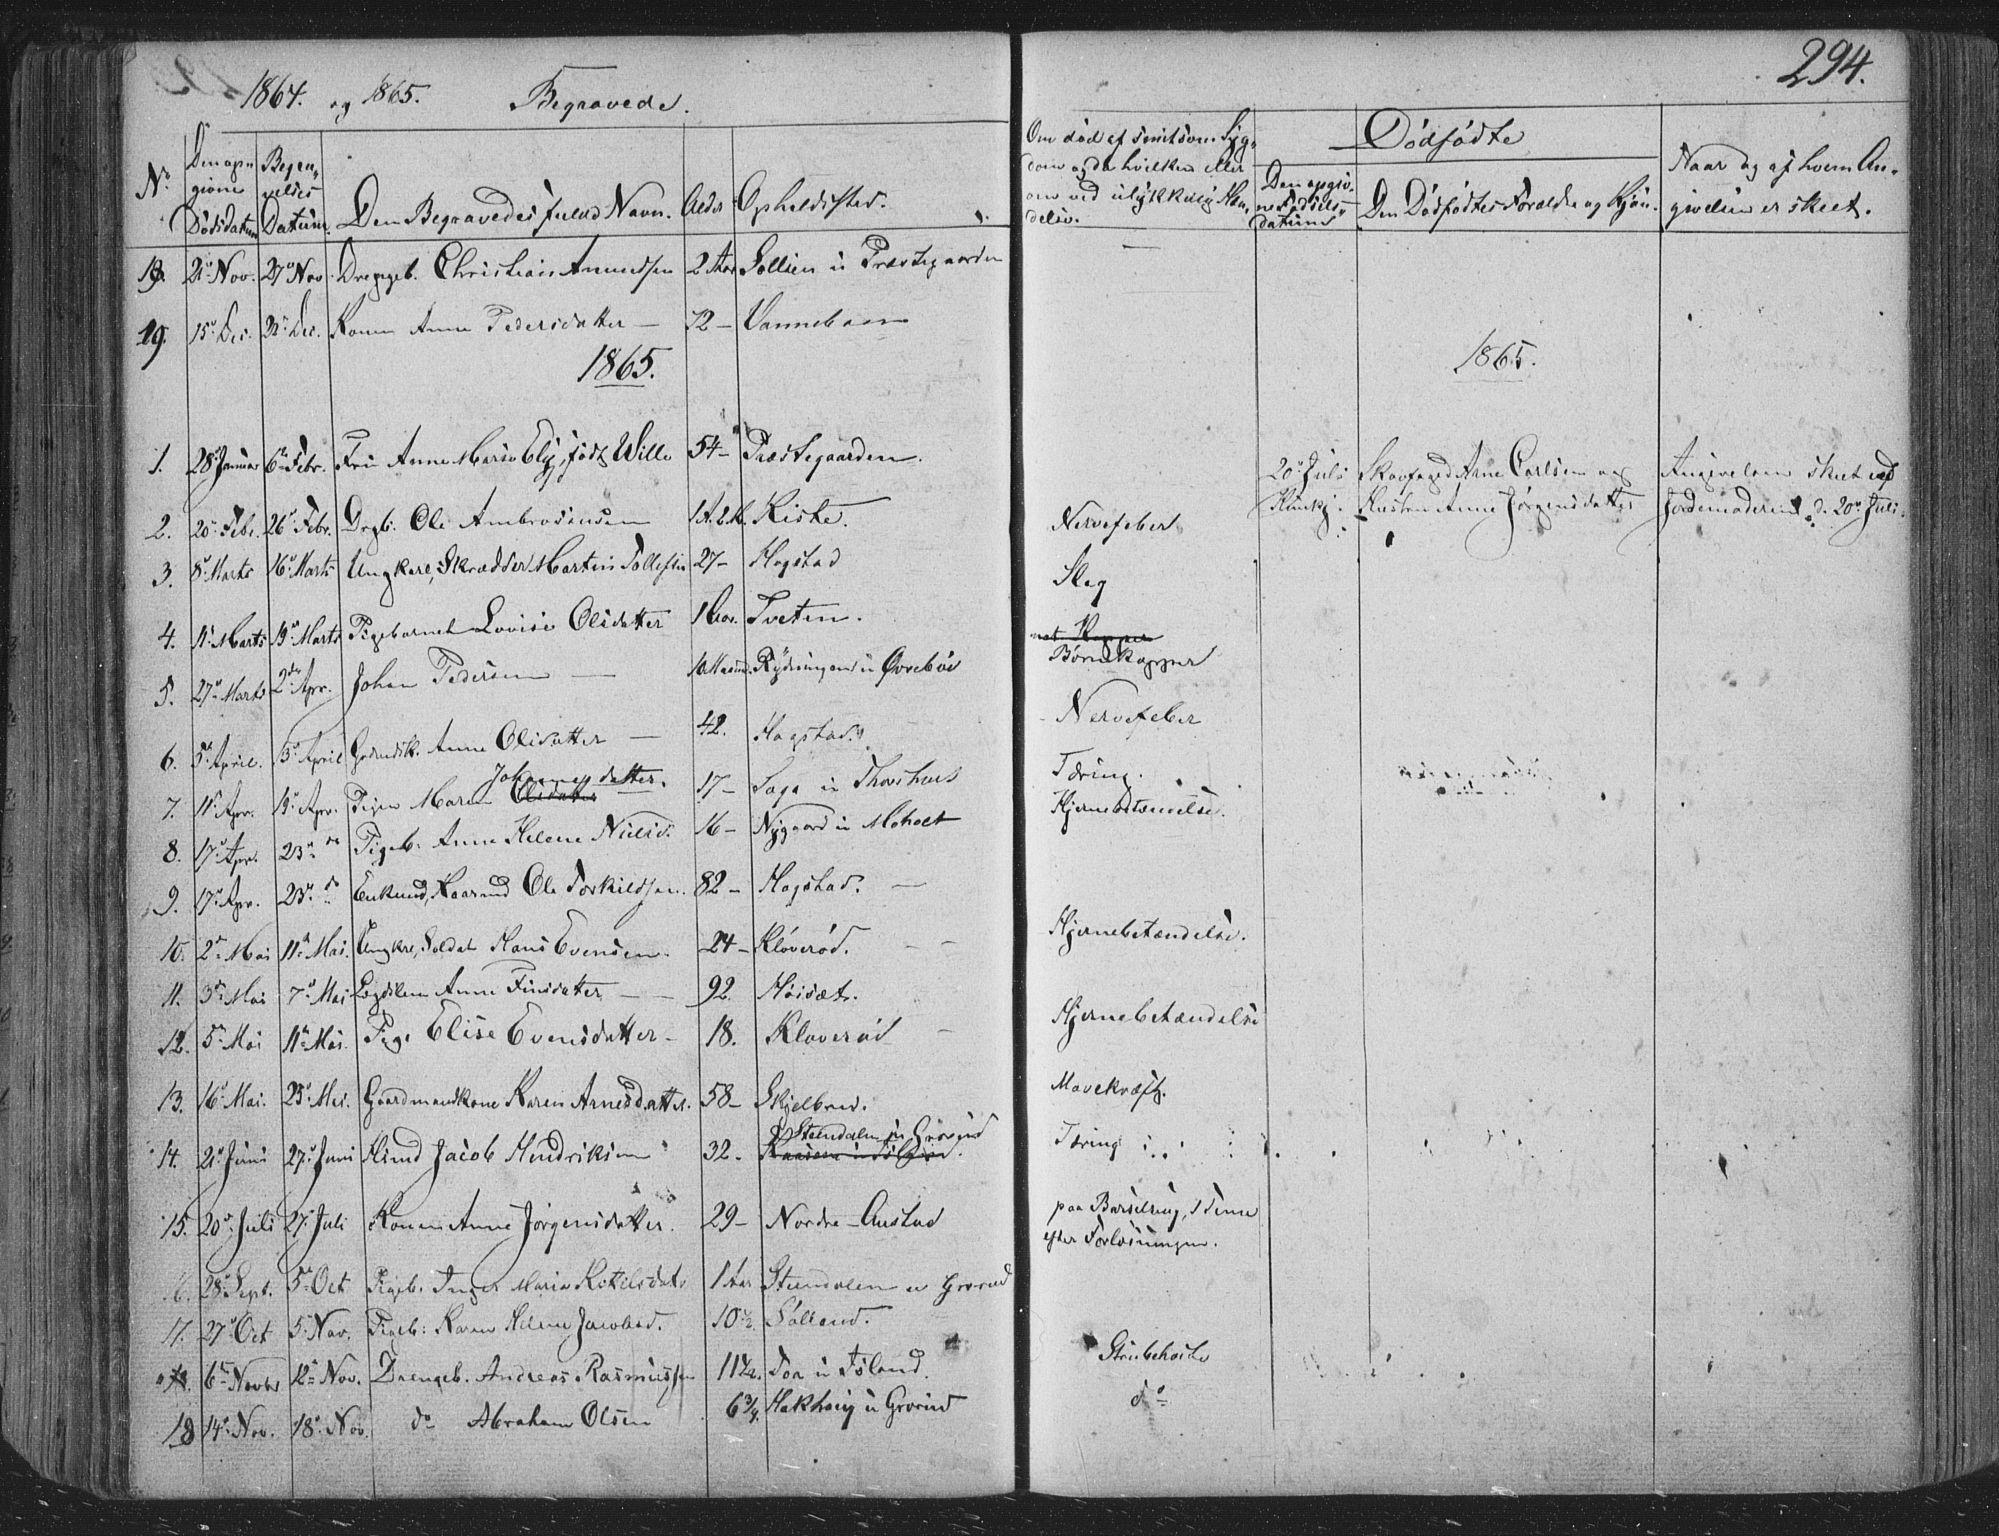 SAKO, Siljan kirkebøker, F/Fa/L0001: Ministerialbok nr. 1, 1831-1870, s. 294